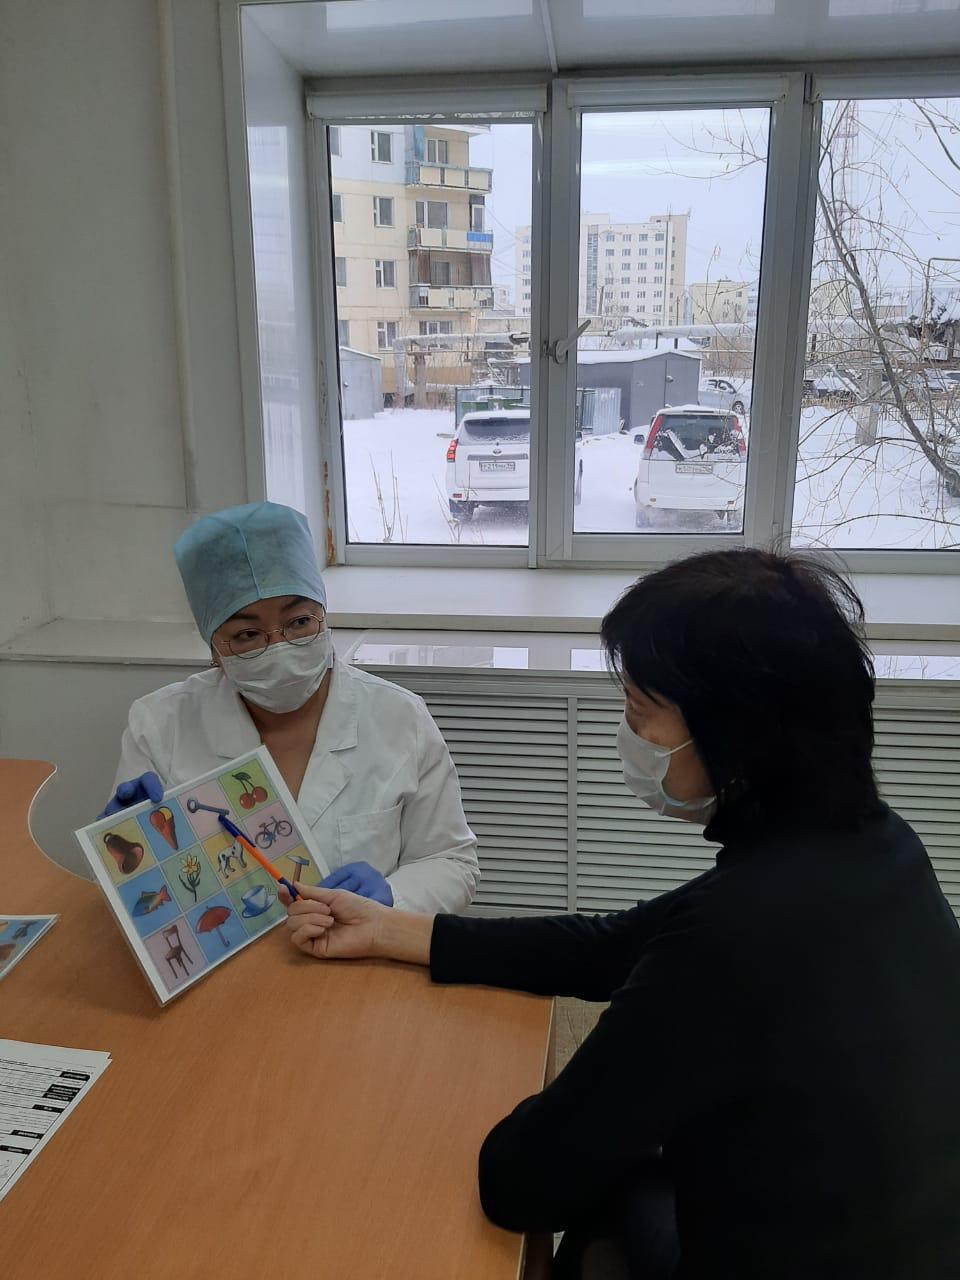 РКБ №3 открыла бесплатный кабинет, работающий с людьми с нарушениями памяти